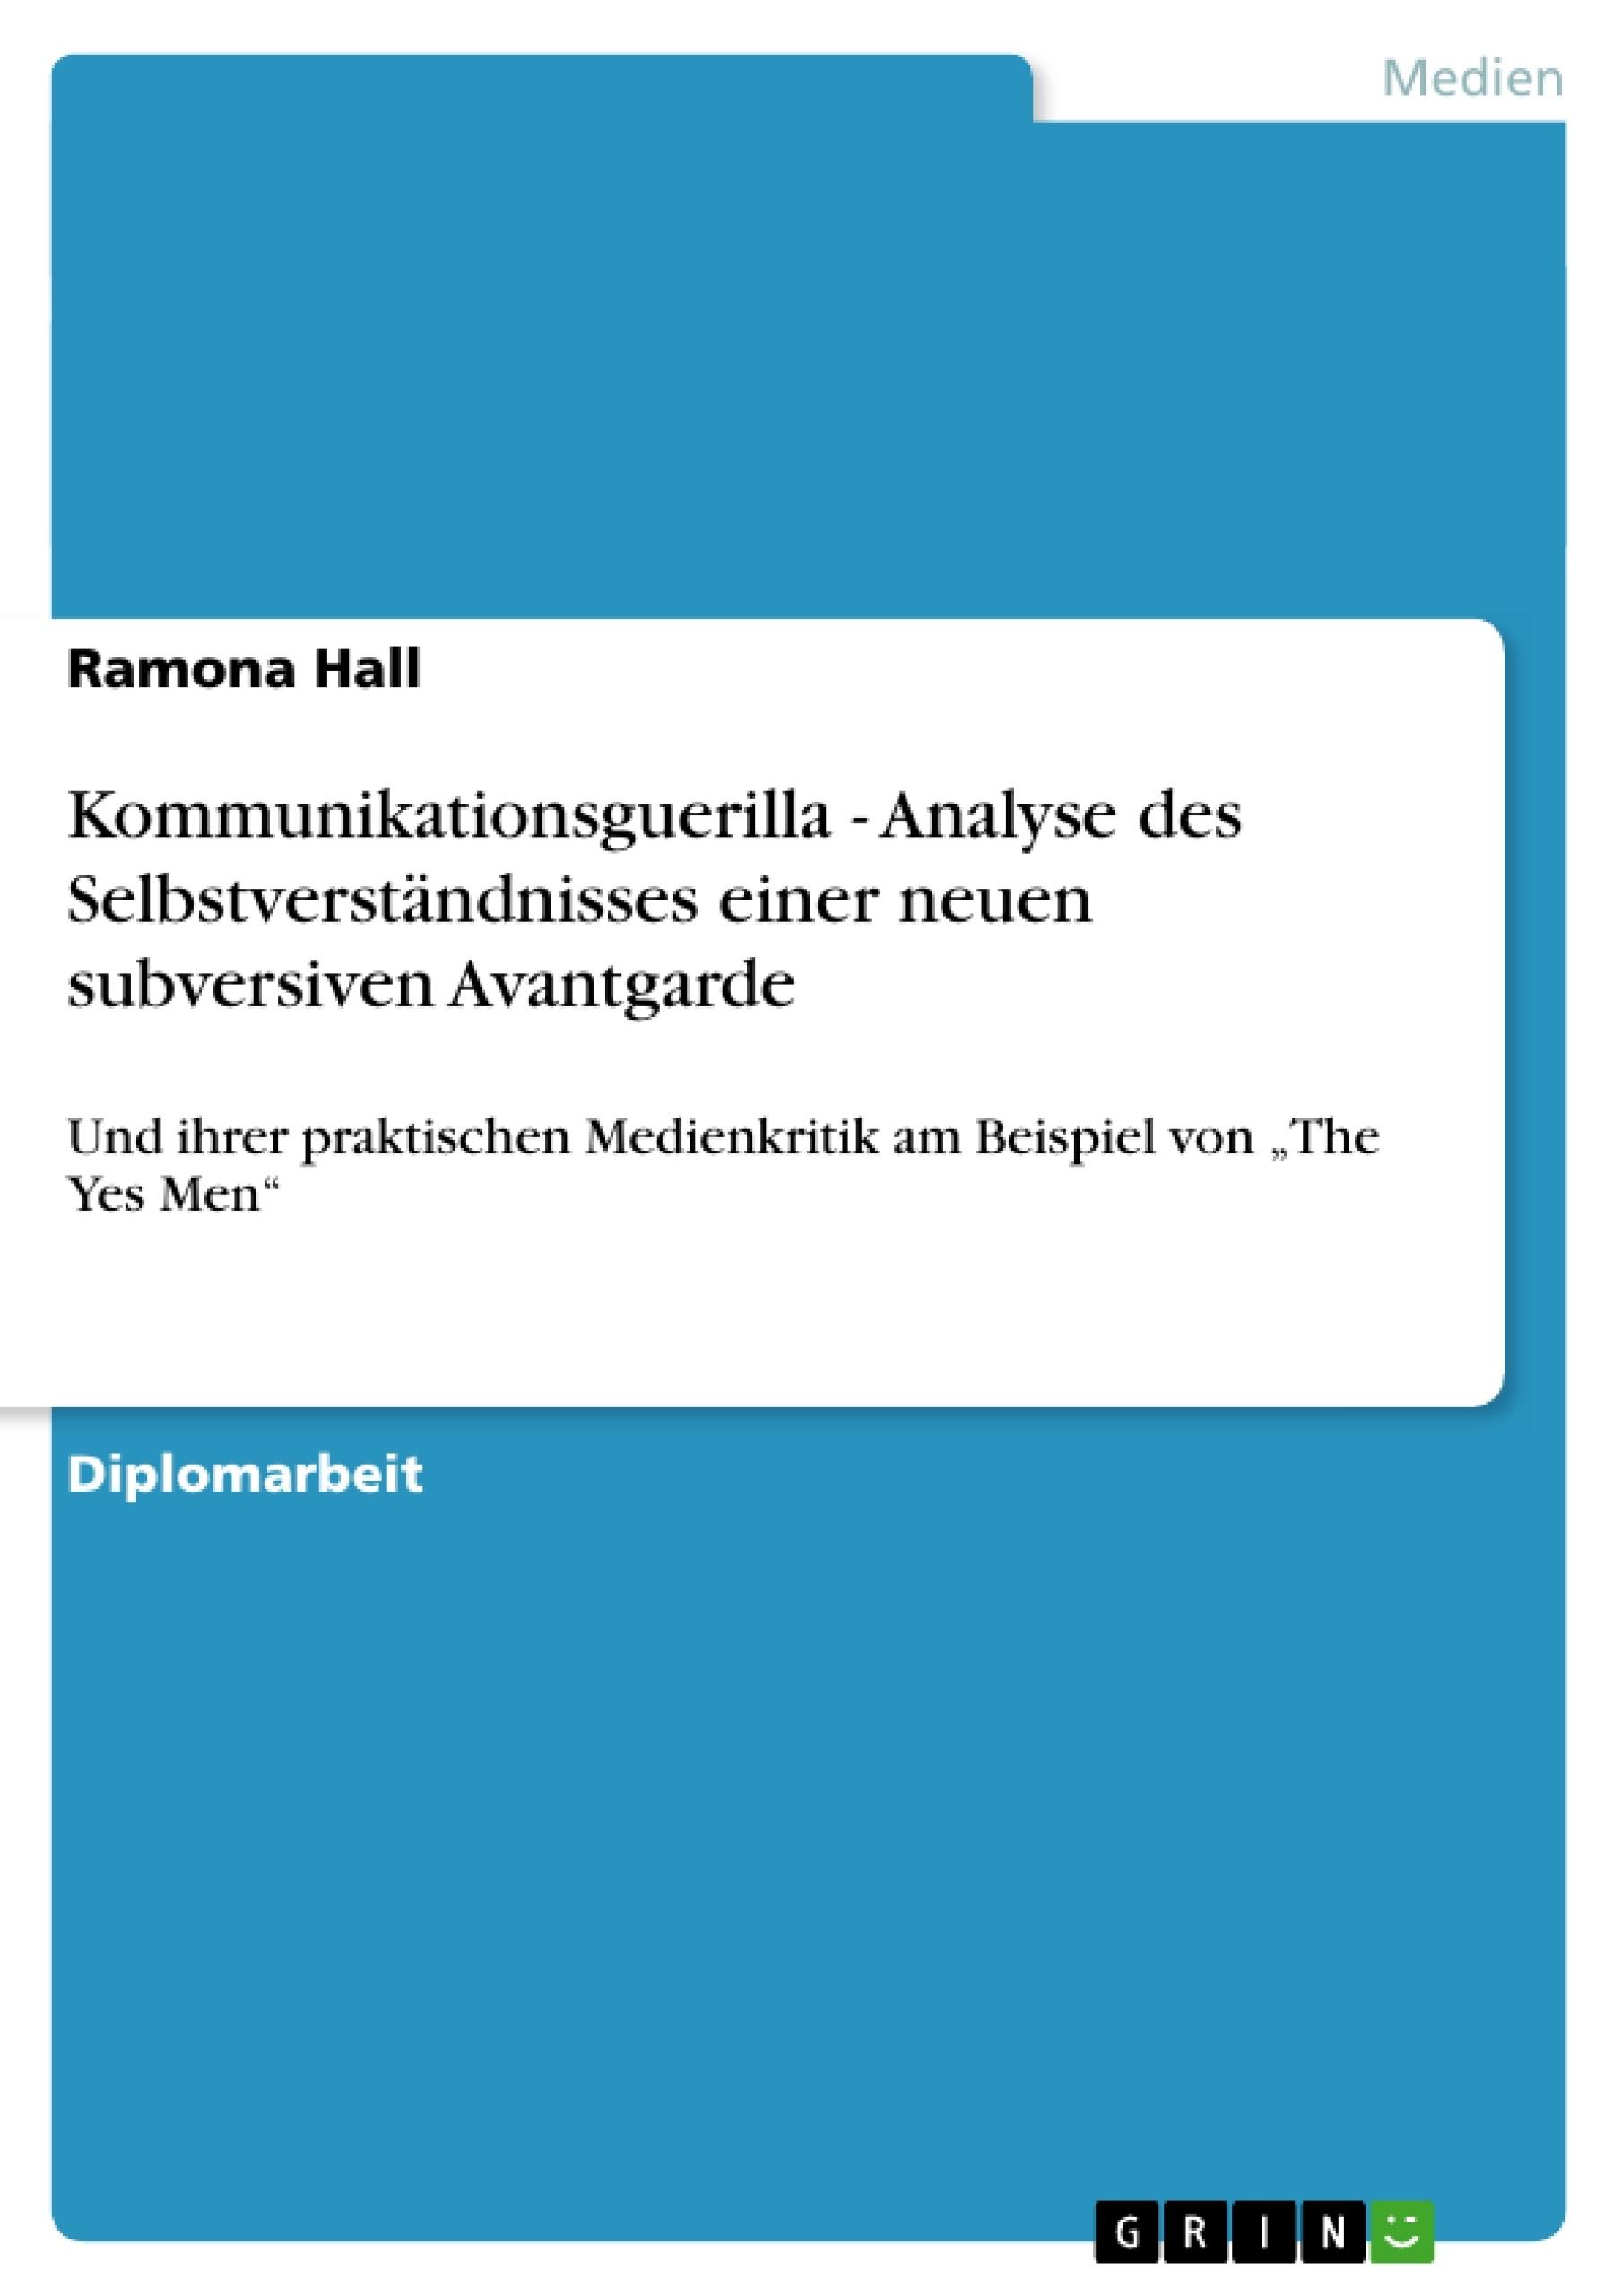 Titel: Kommunikationsguerilla - Analyse des Selbstverständnisses einer neuen subversiven Avantgarde